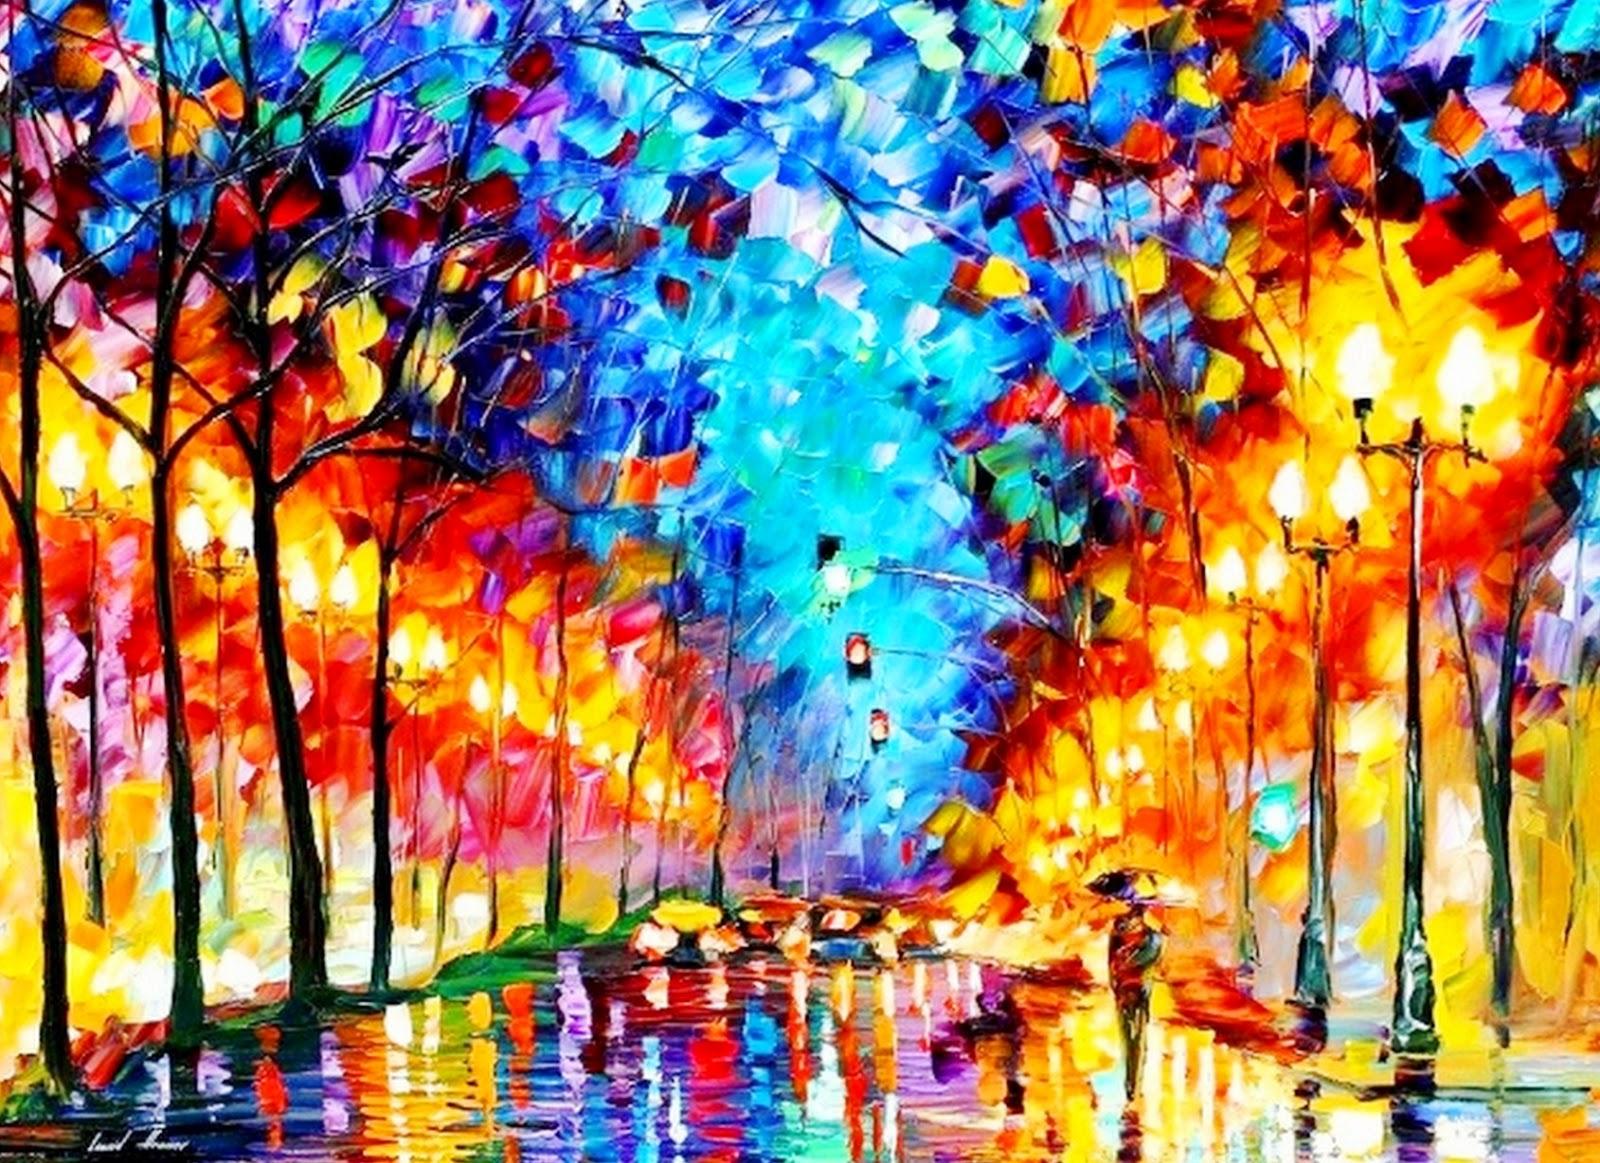 Pinturas cuadros lienzos imagenes de pinturas a espatulas - Imagenes para cuadros ...